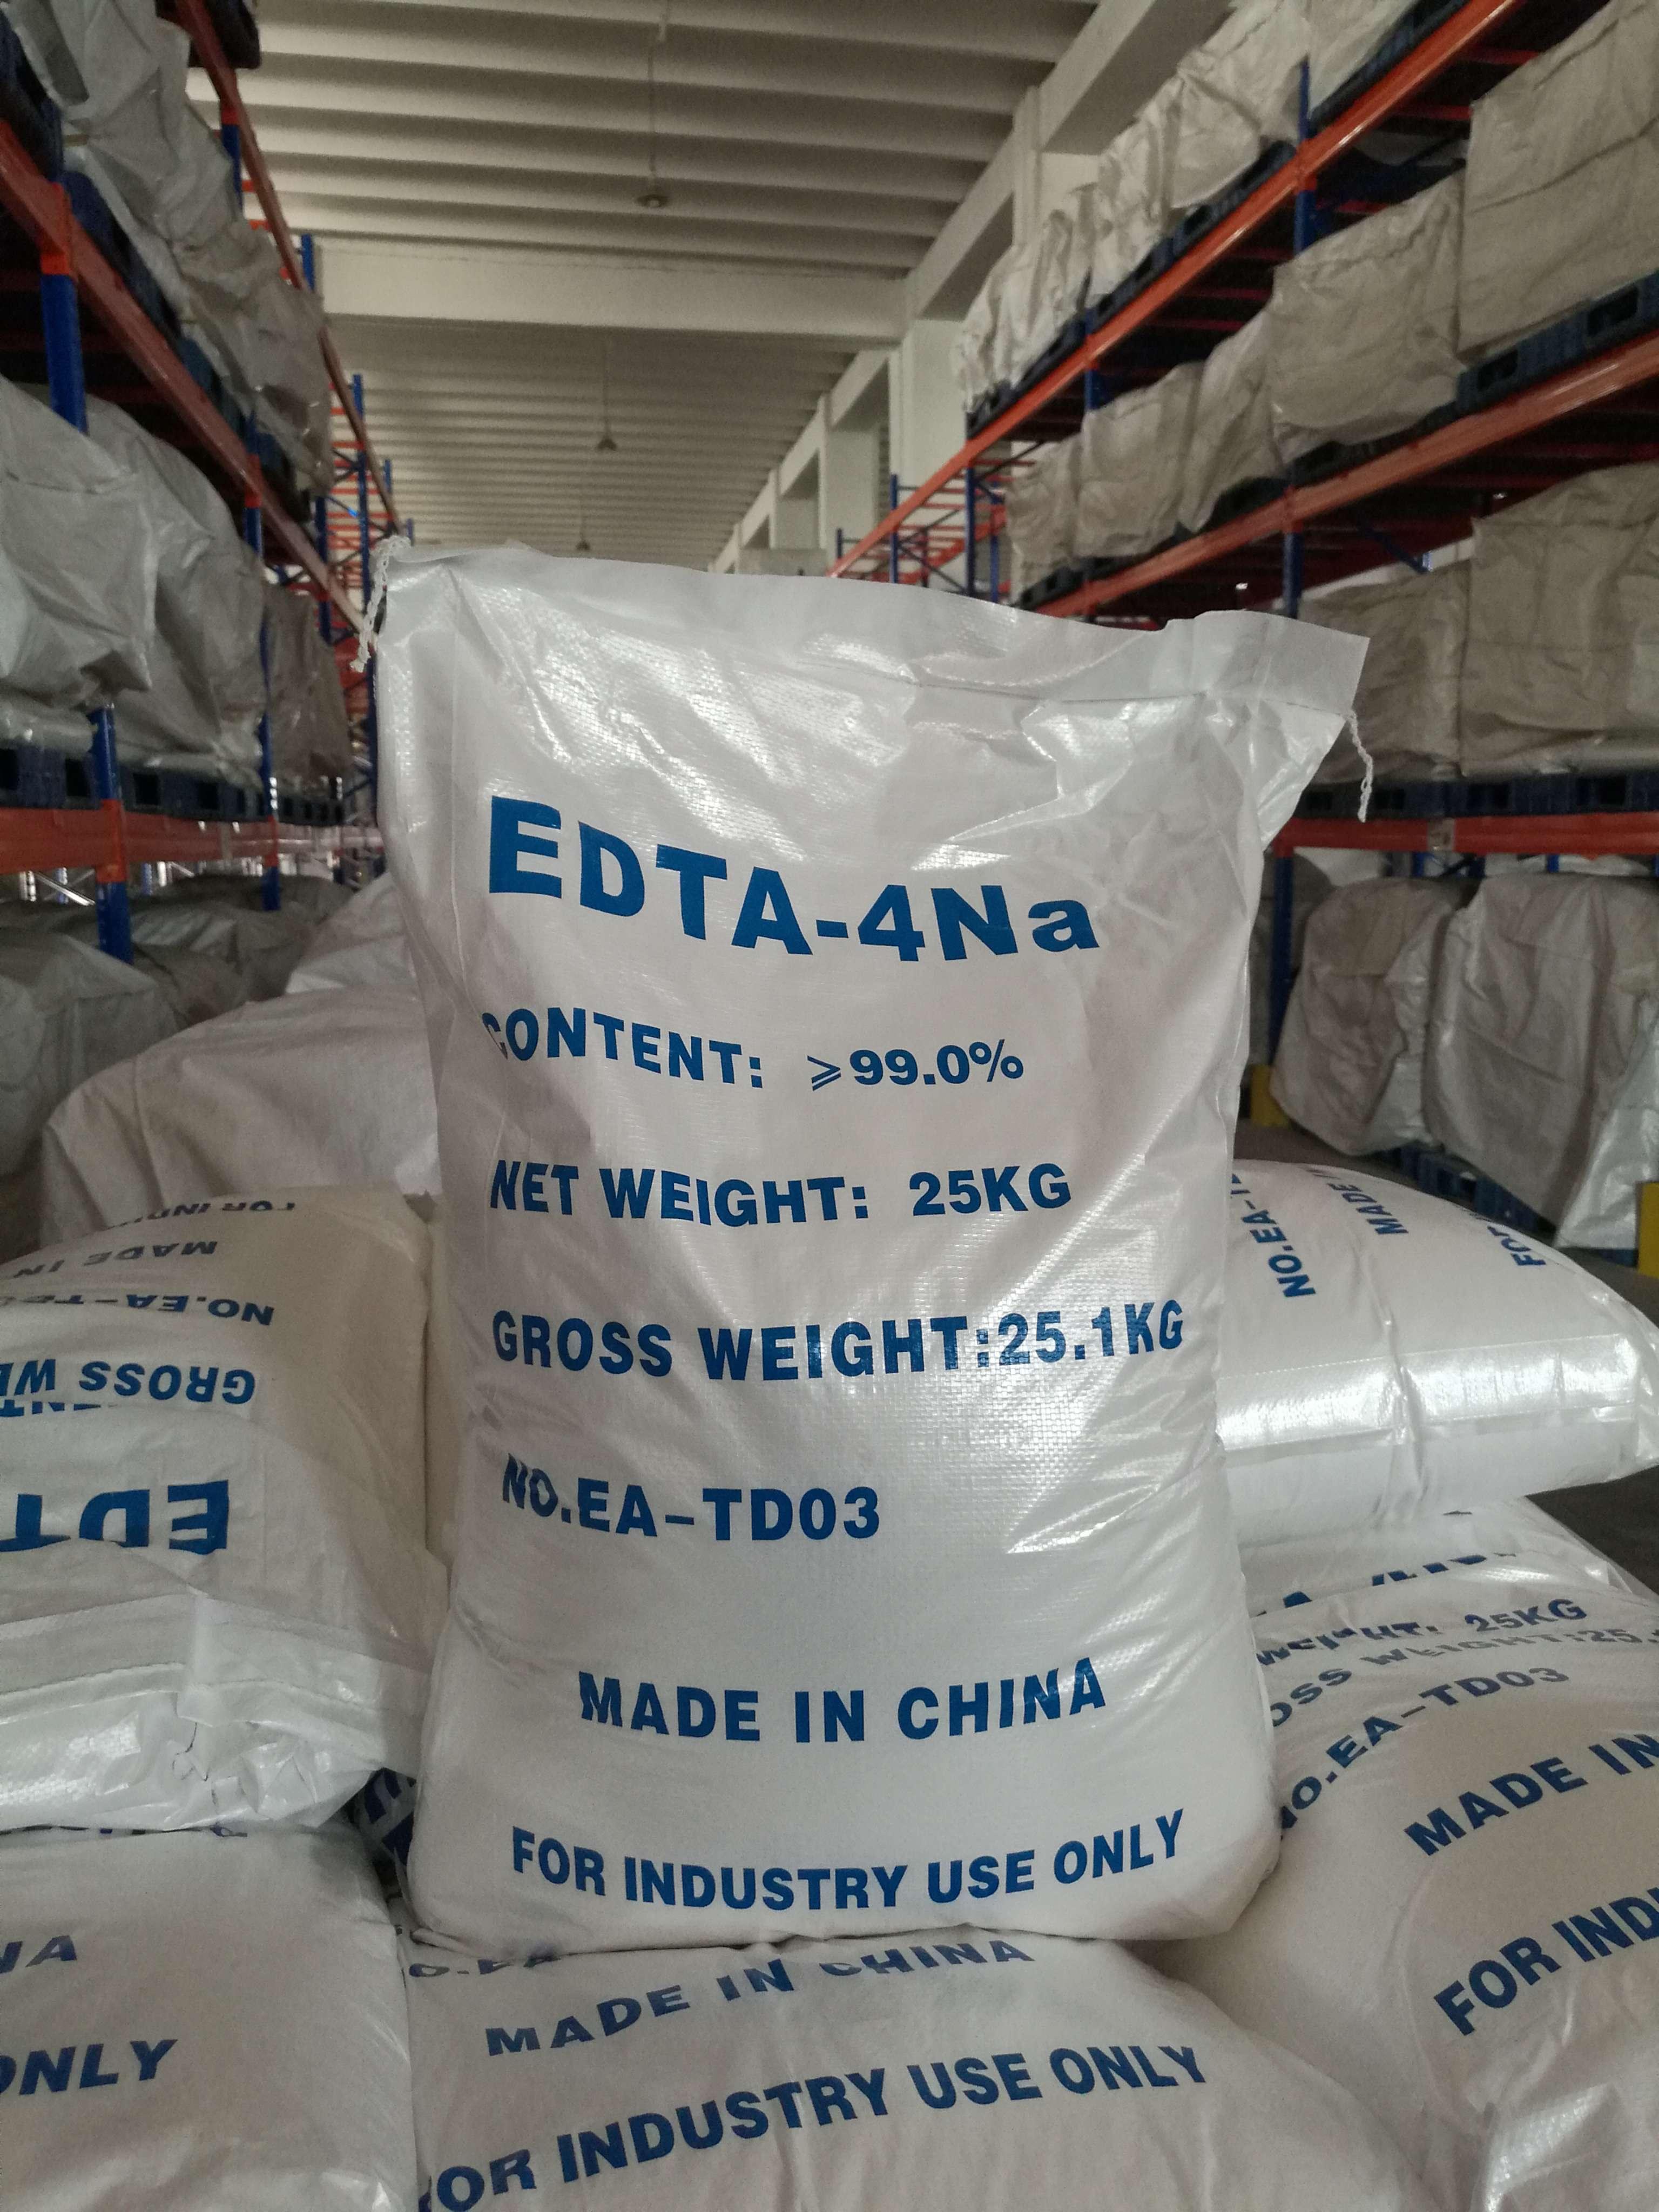 EDTA-4Na(乙二胺四乙酸四钠)